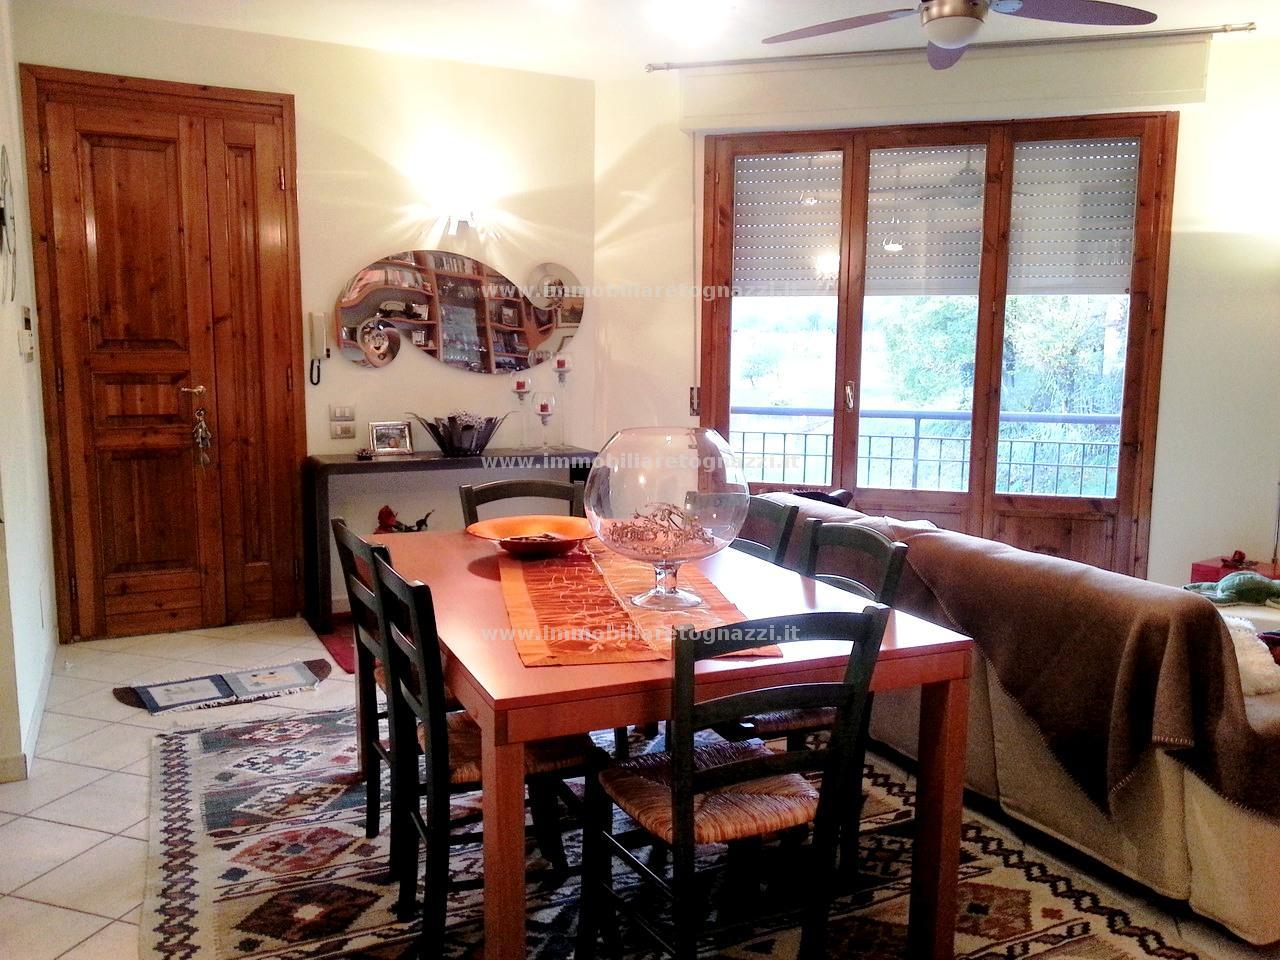 Appartamento in vendita a Certaldo, 3 locali, prezzo € 180.000 | Cambio Casa.it